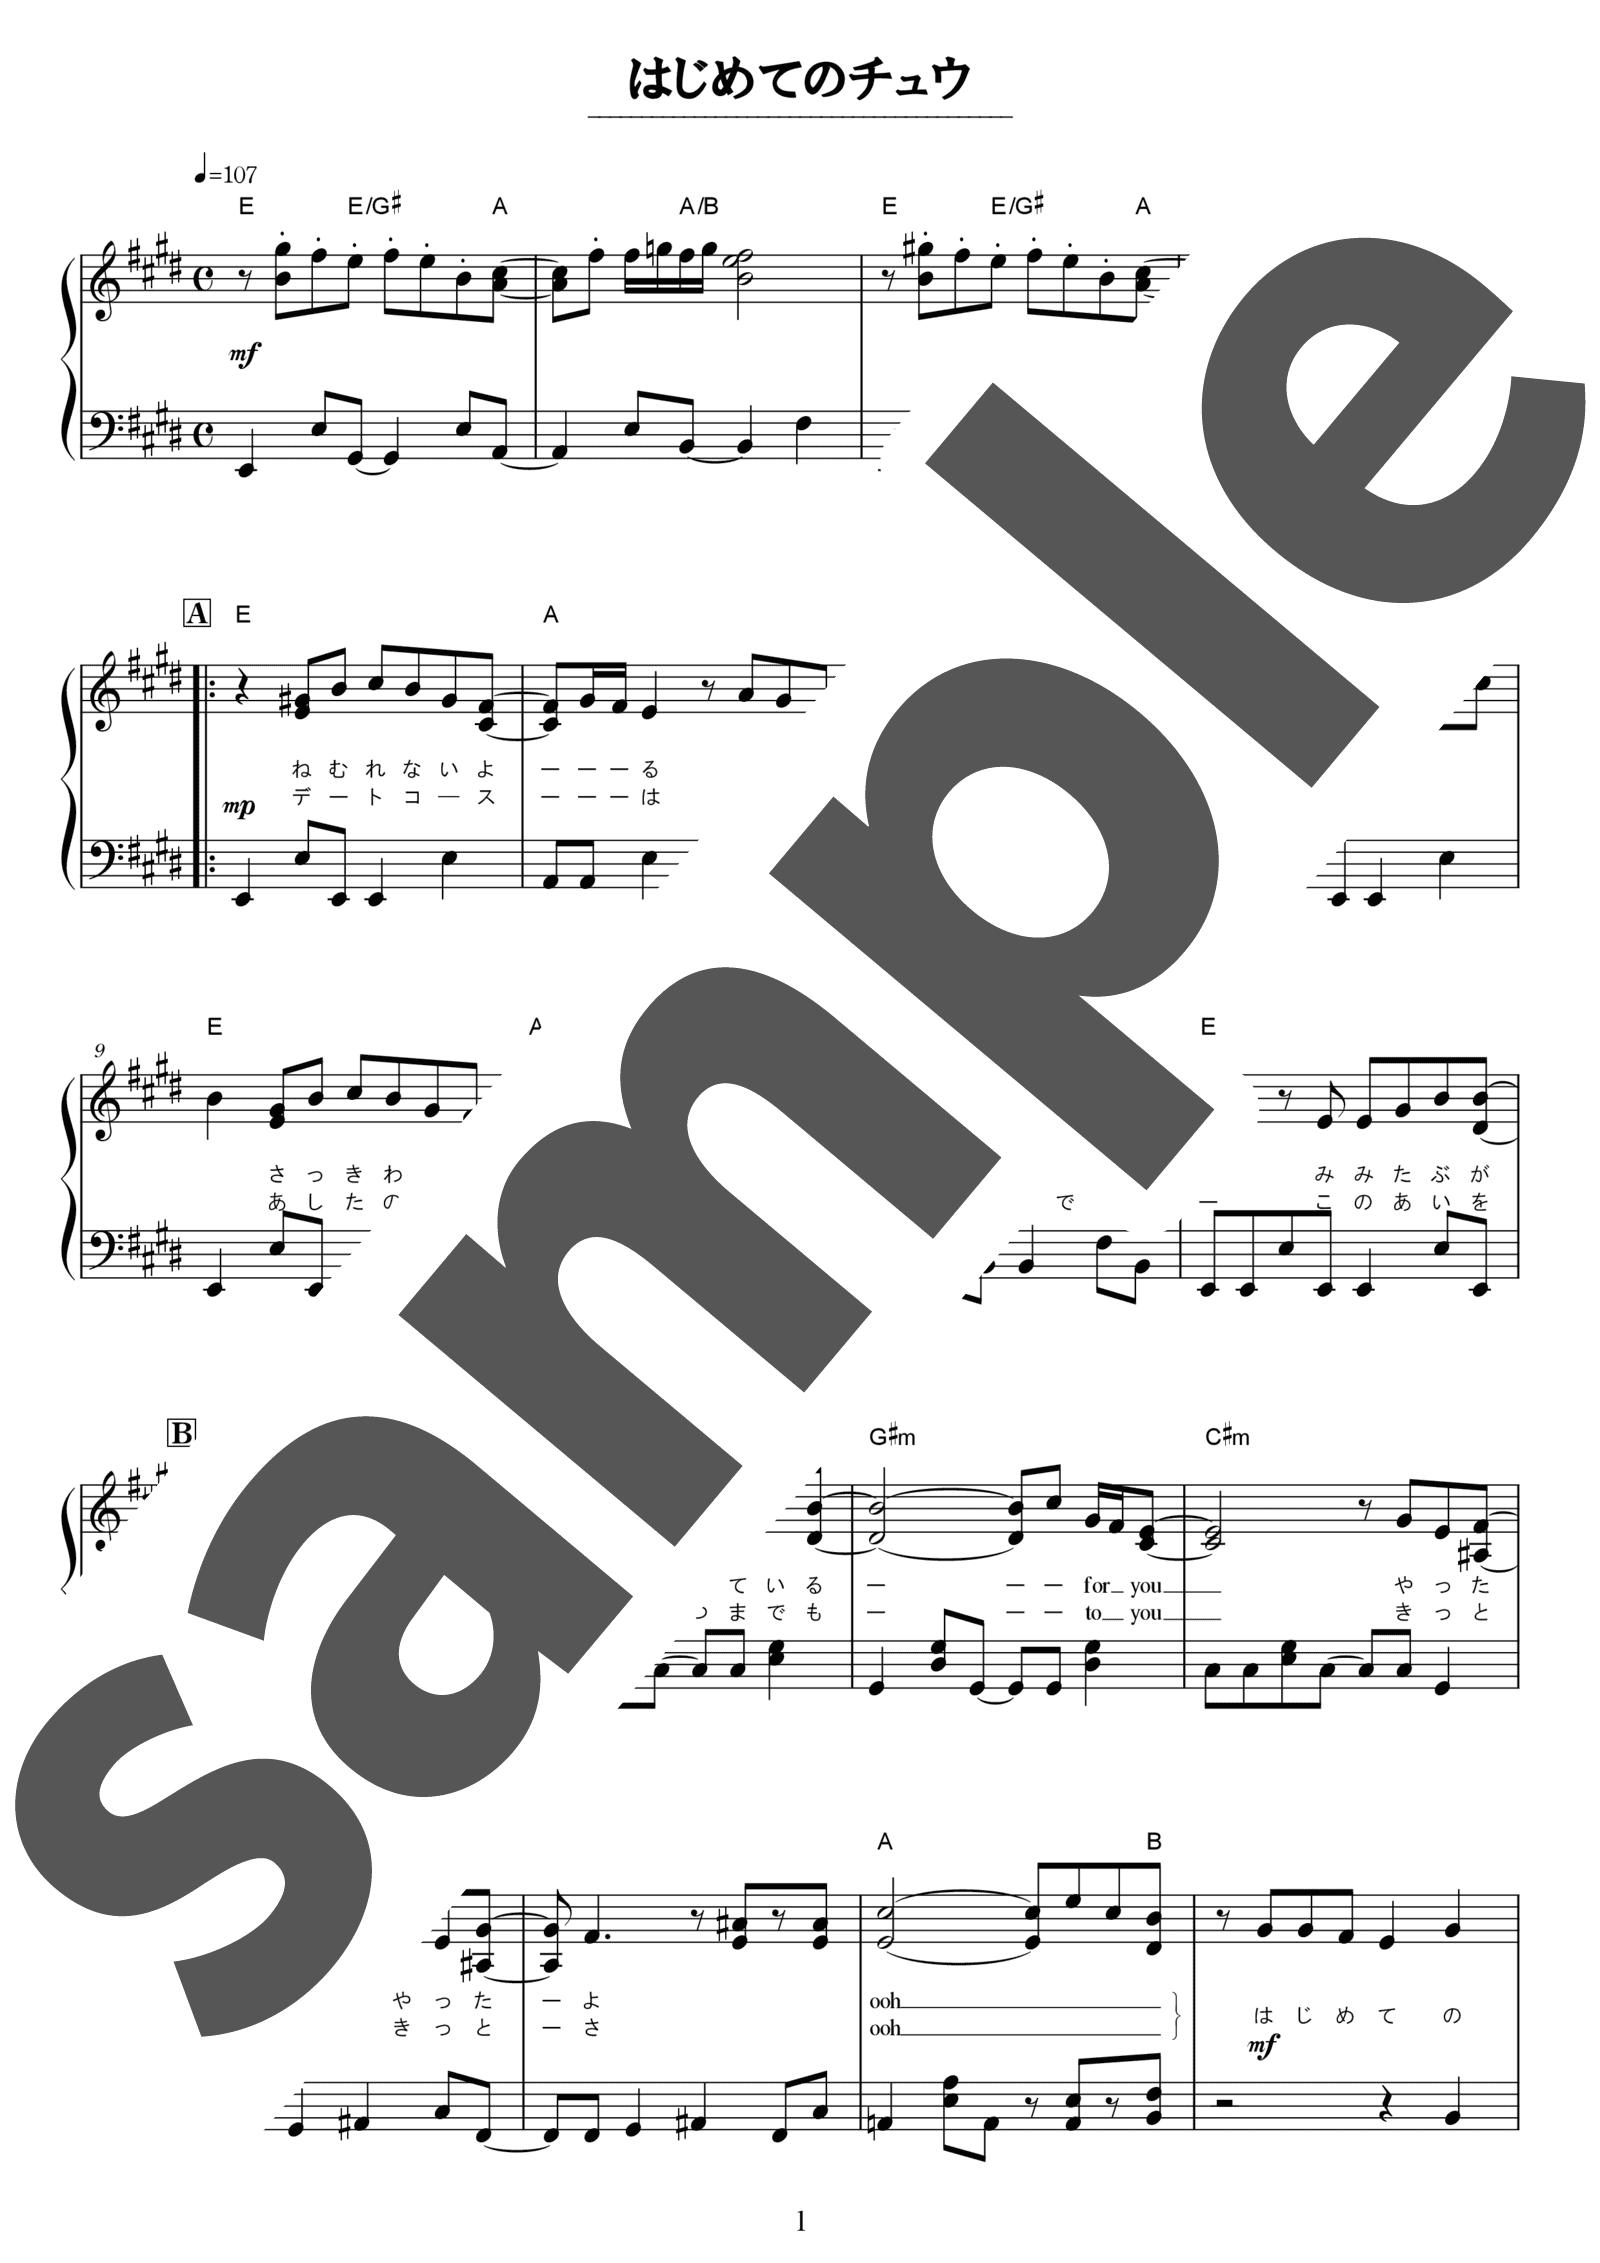 「はじめてのチュウ」のサンプル楽譜